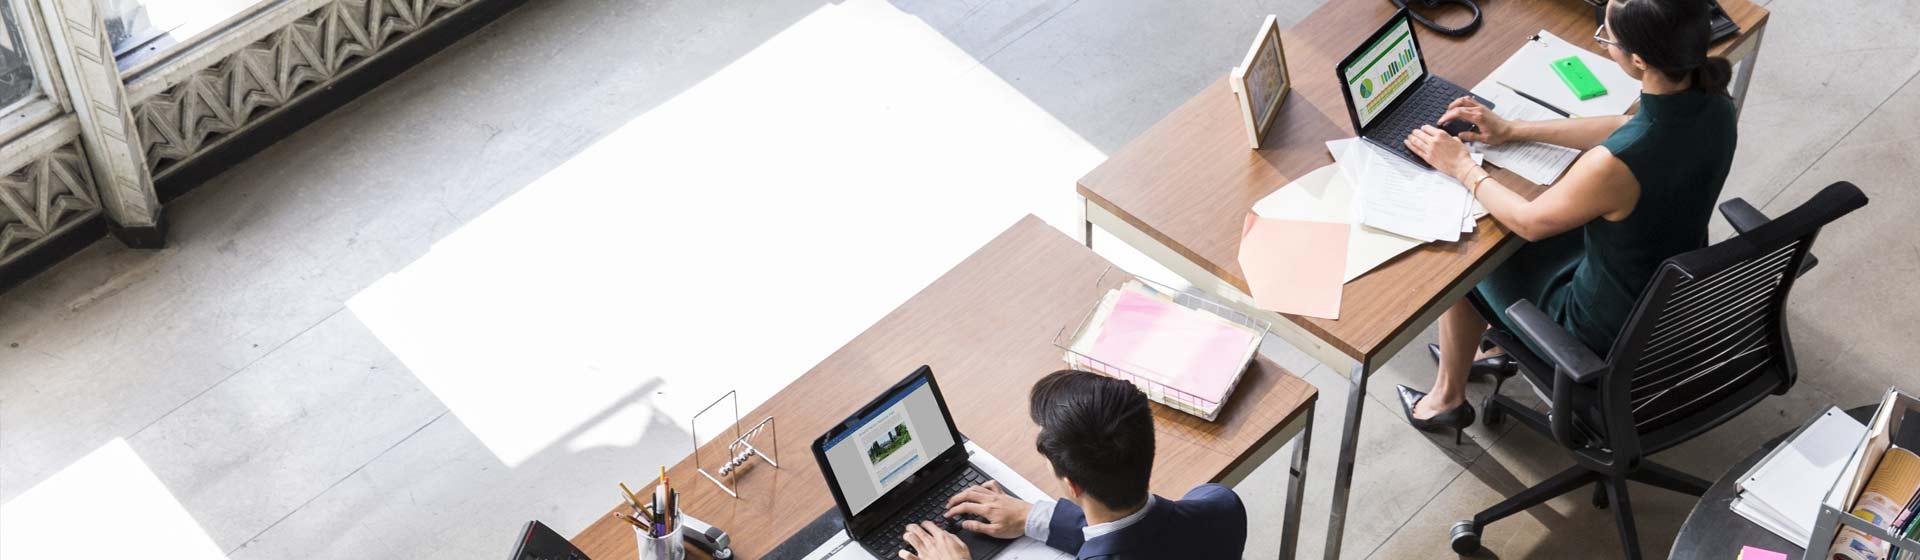 Mehrwert inklusive – mit einem Upgrade von Office 2013 auf Office365